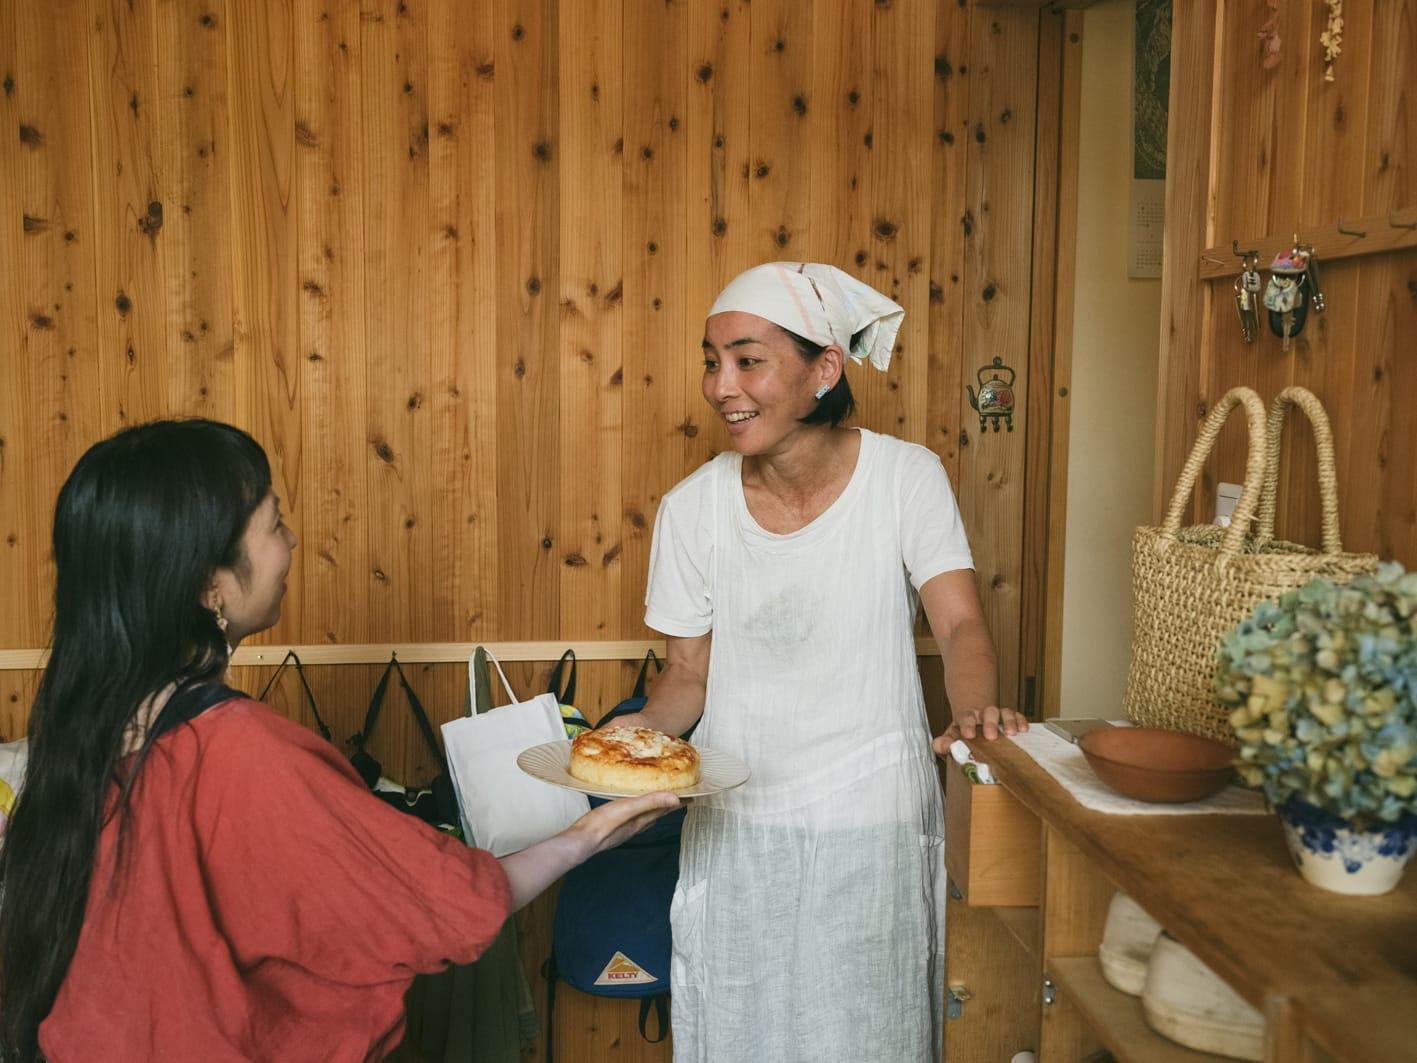 あんずのケーキを持って知ちゃん宅を訪れた。こうしておやつや食事を持ち寄ってどちらかの家でお茶をすることが多い。